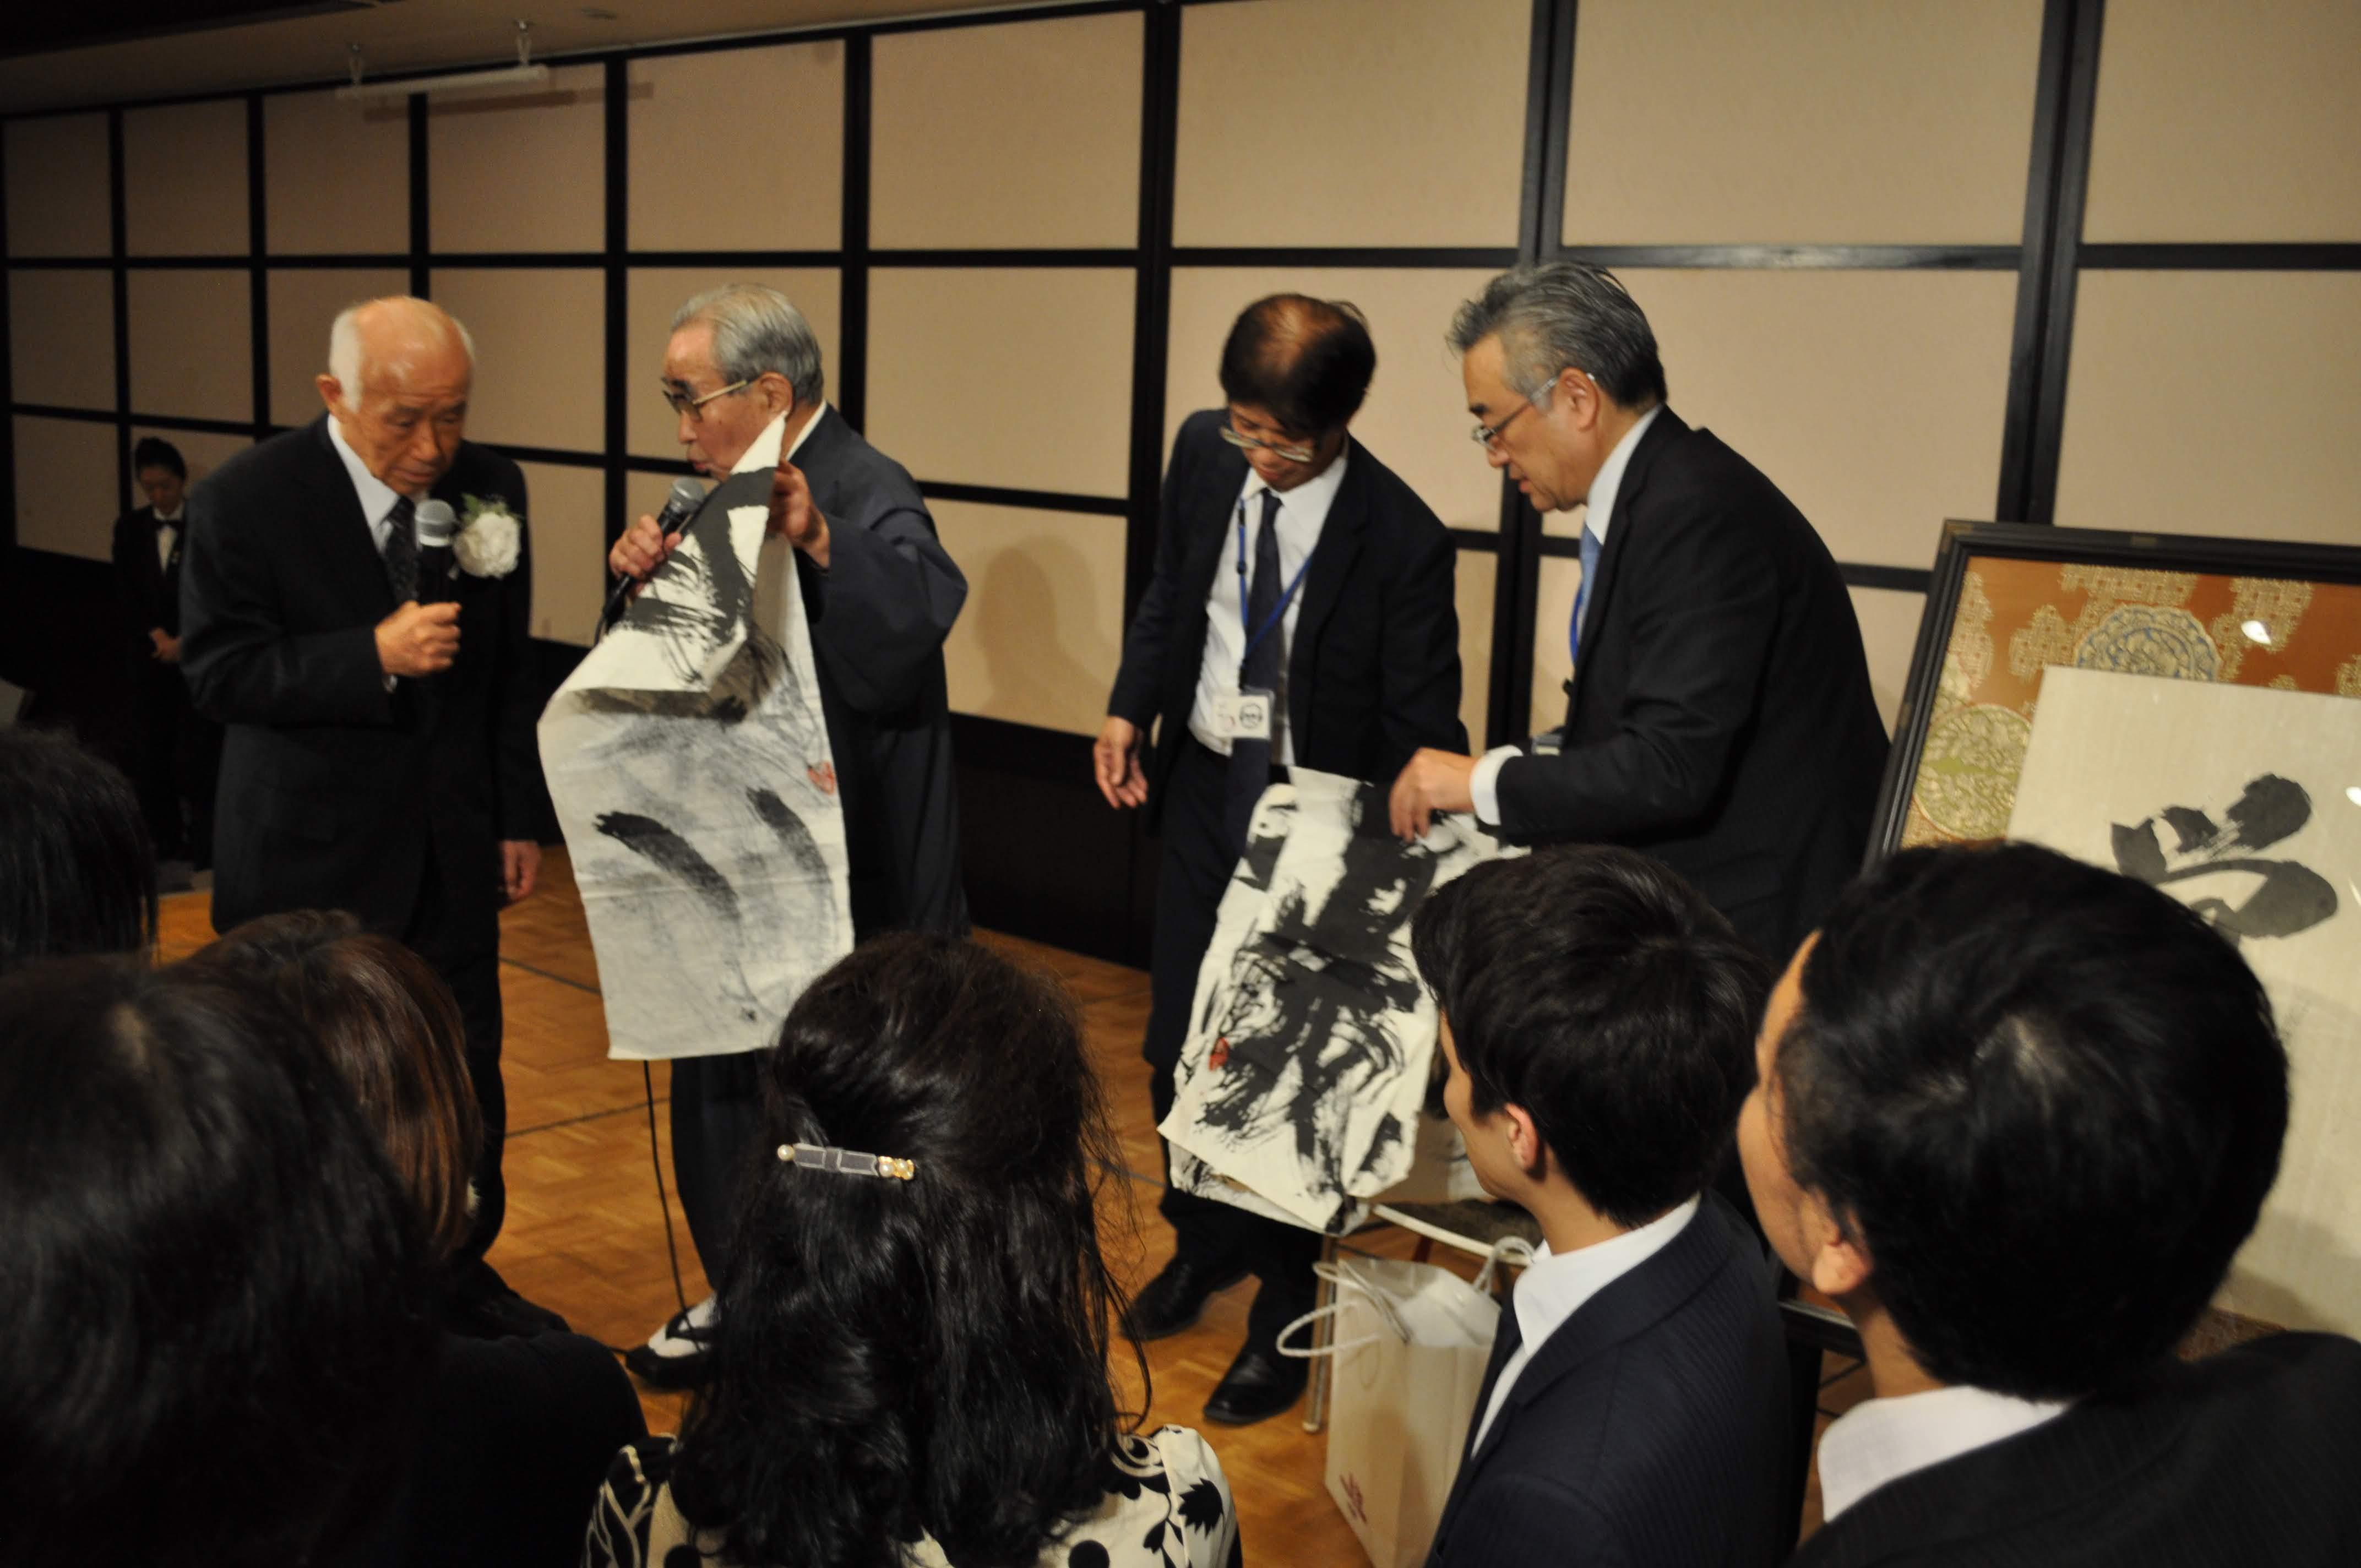 DSC 0579 1 - 思風会全国大会in広島